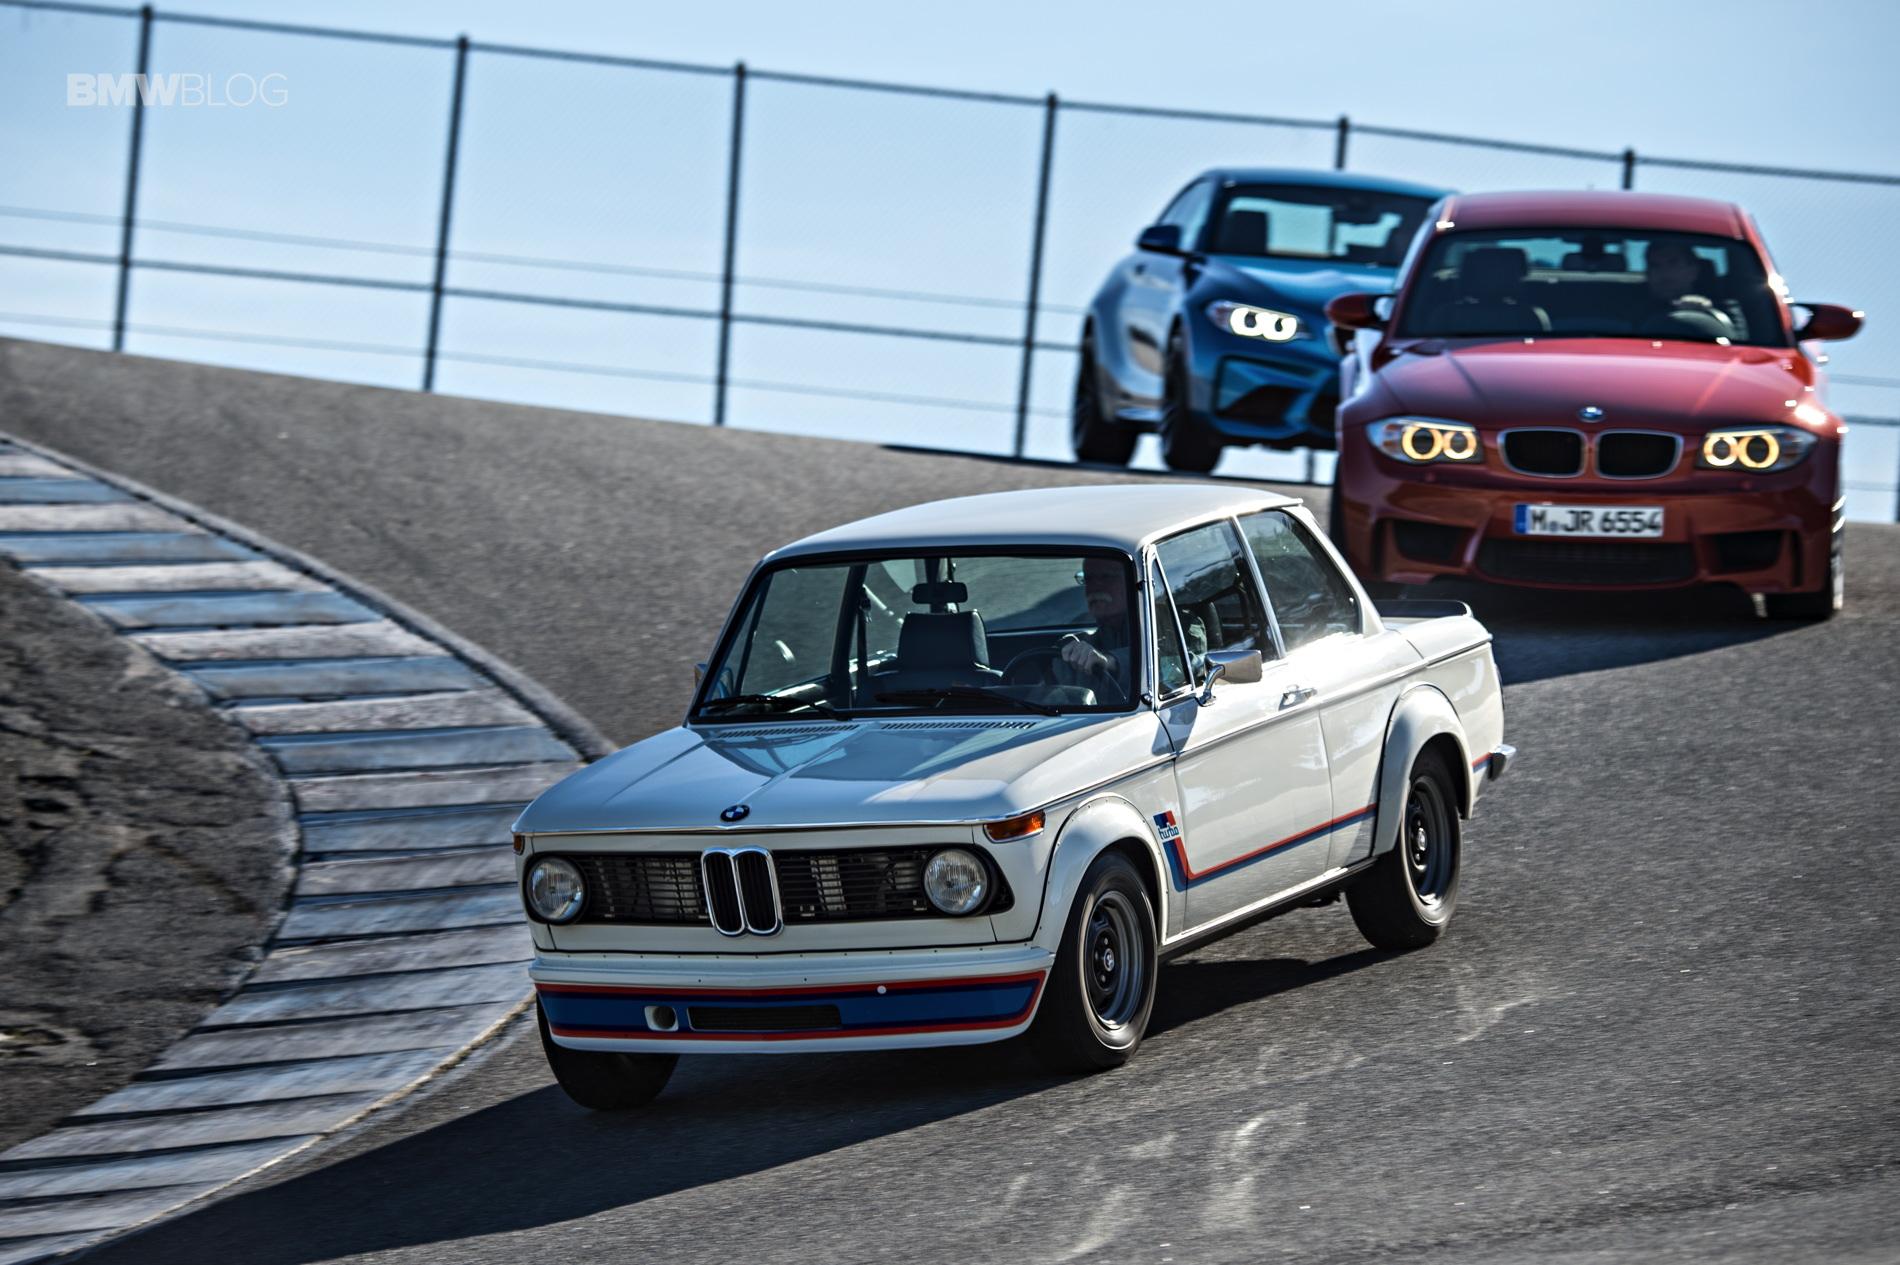 Bmw 2002 Tii Turbo Vs Bmw M2 Vs Bmw 1m